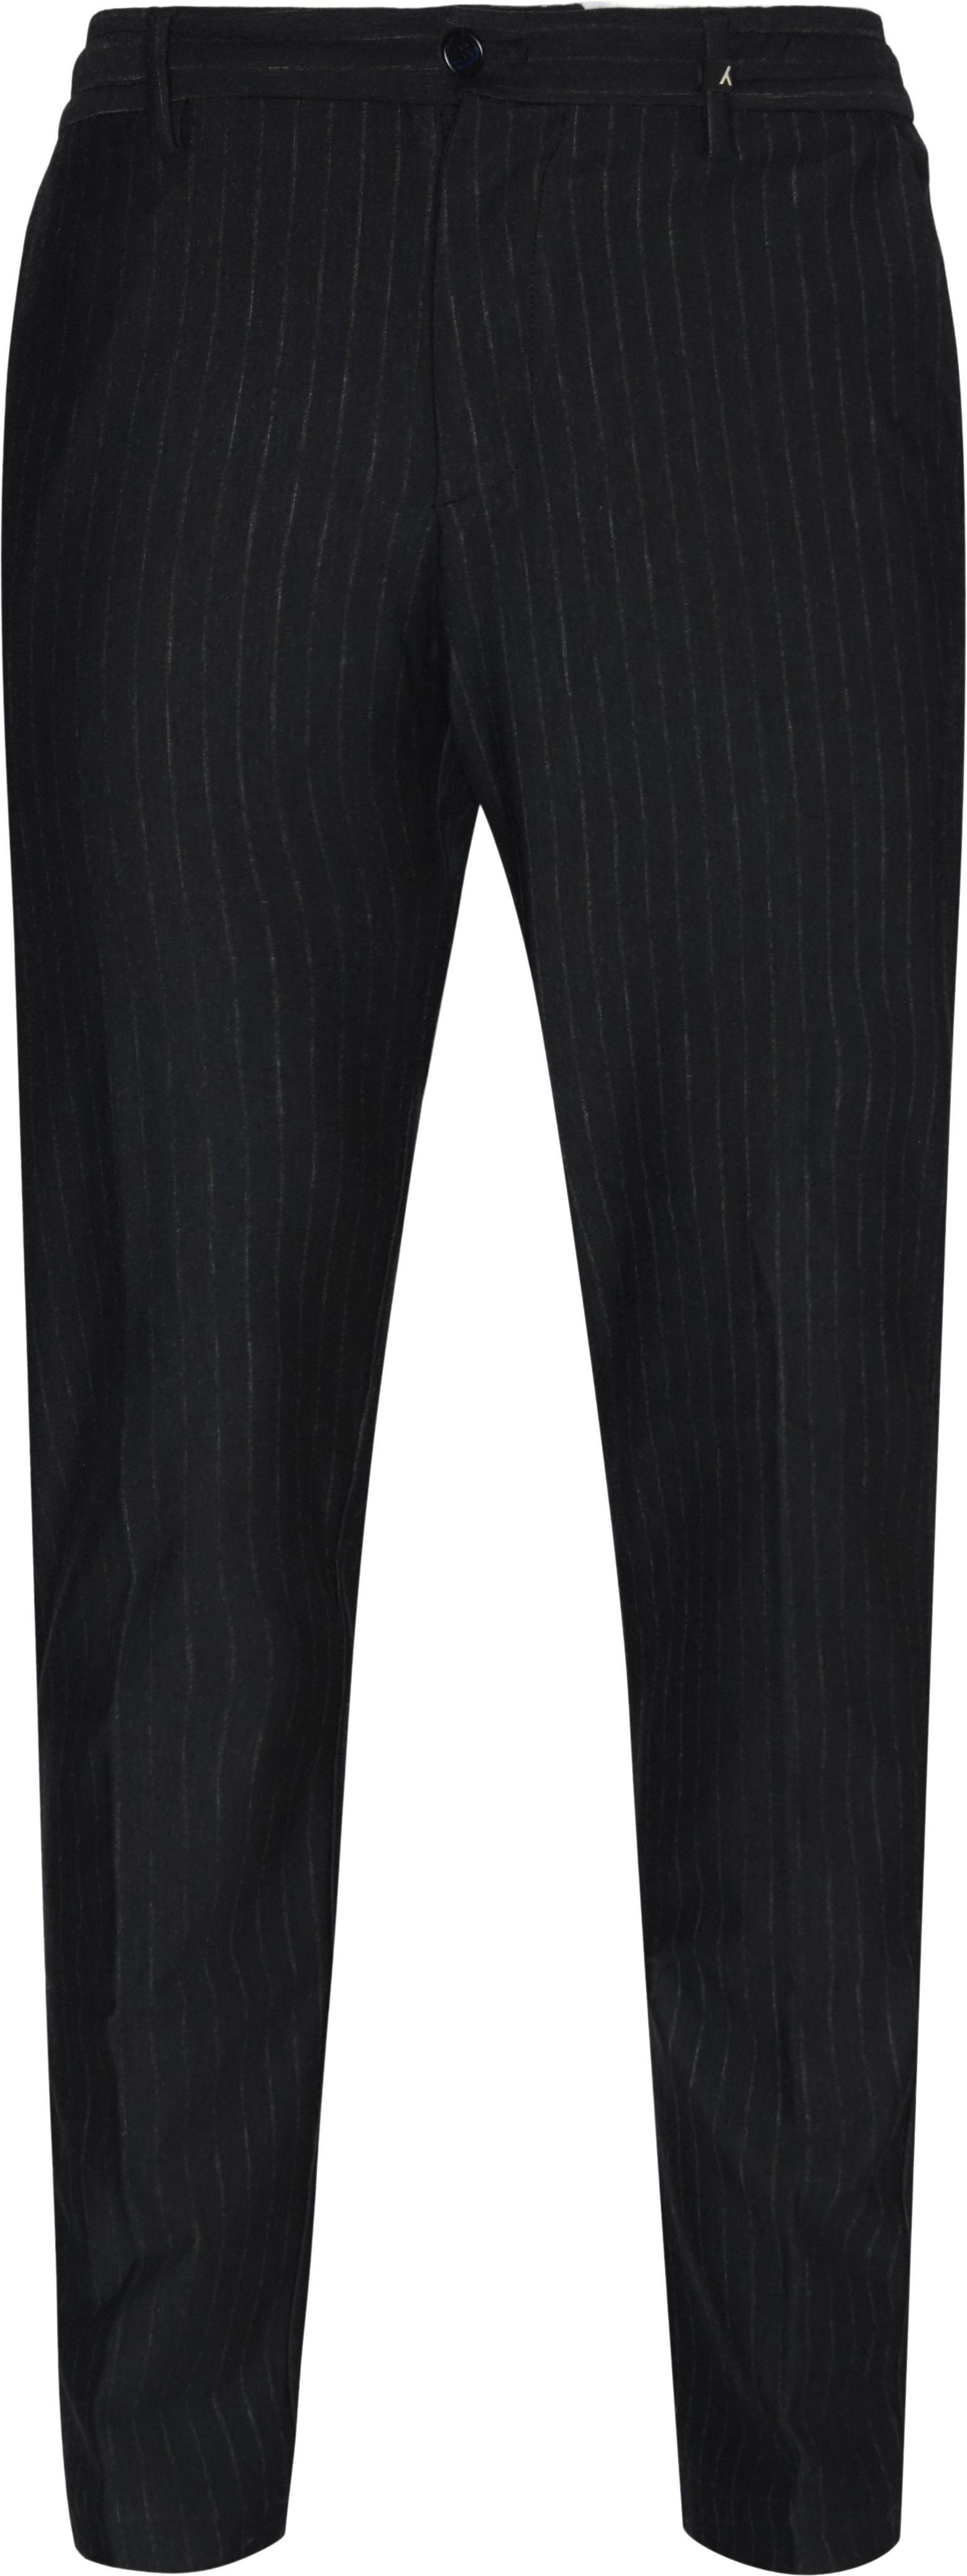 Bukser - Loose fit - Blå